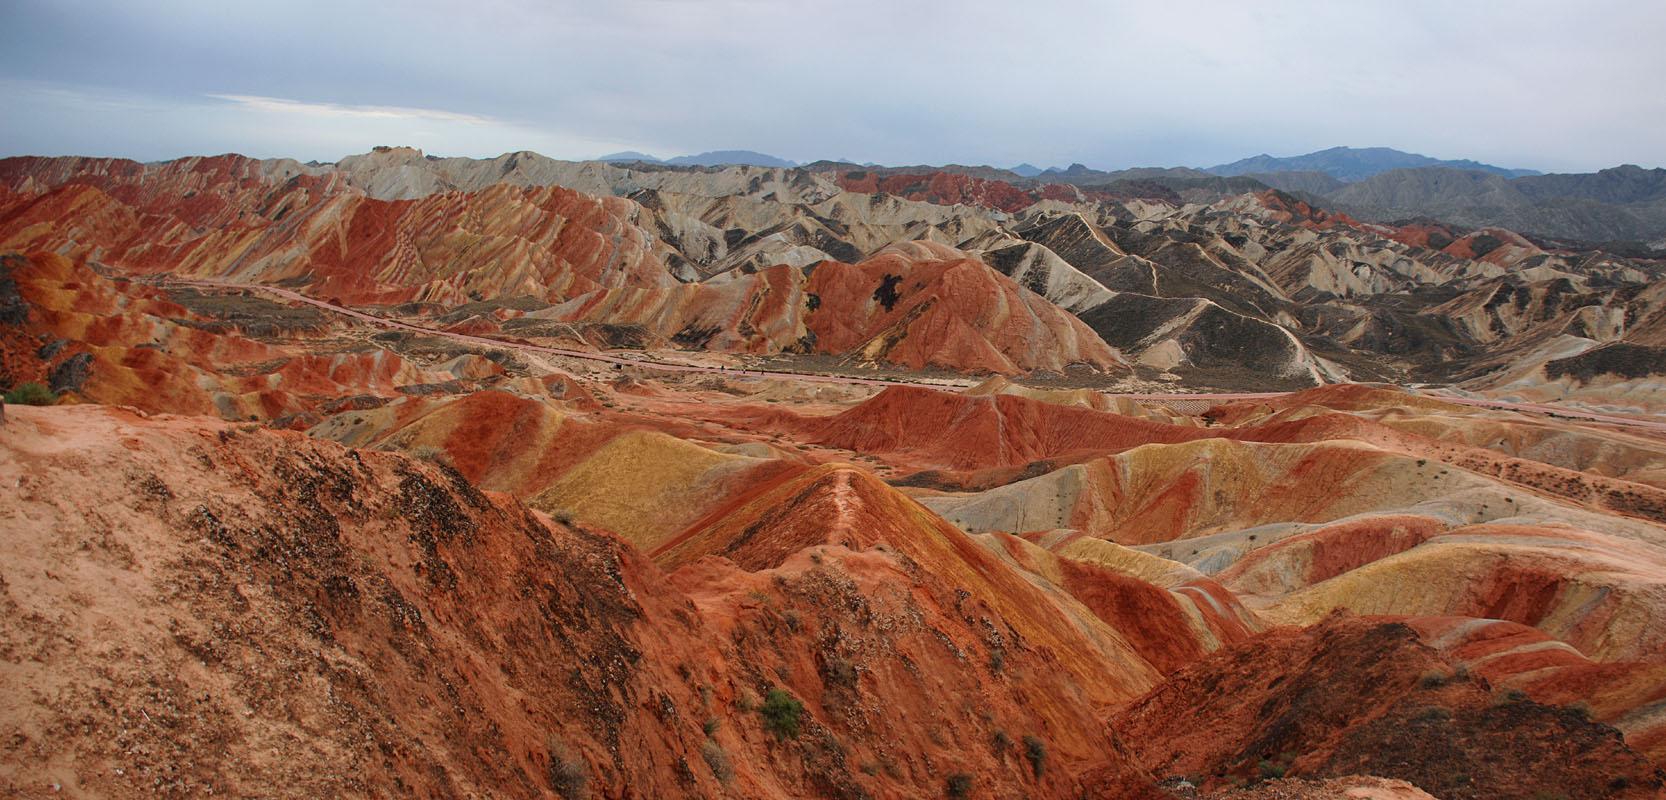 丹霞地質公園七彩湾/クリックしてちょっと大きい画像で見てちょ♪